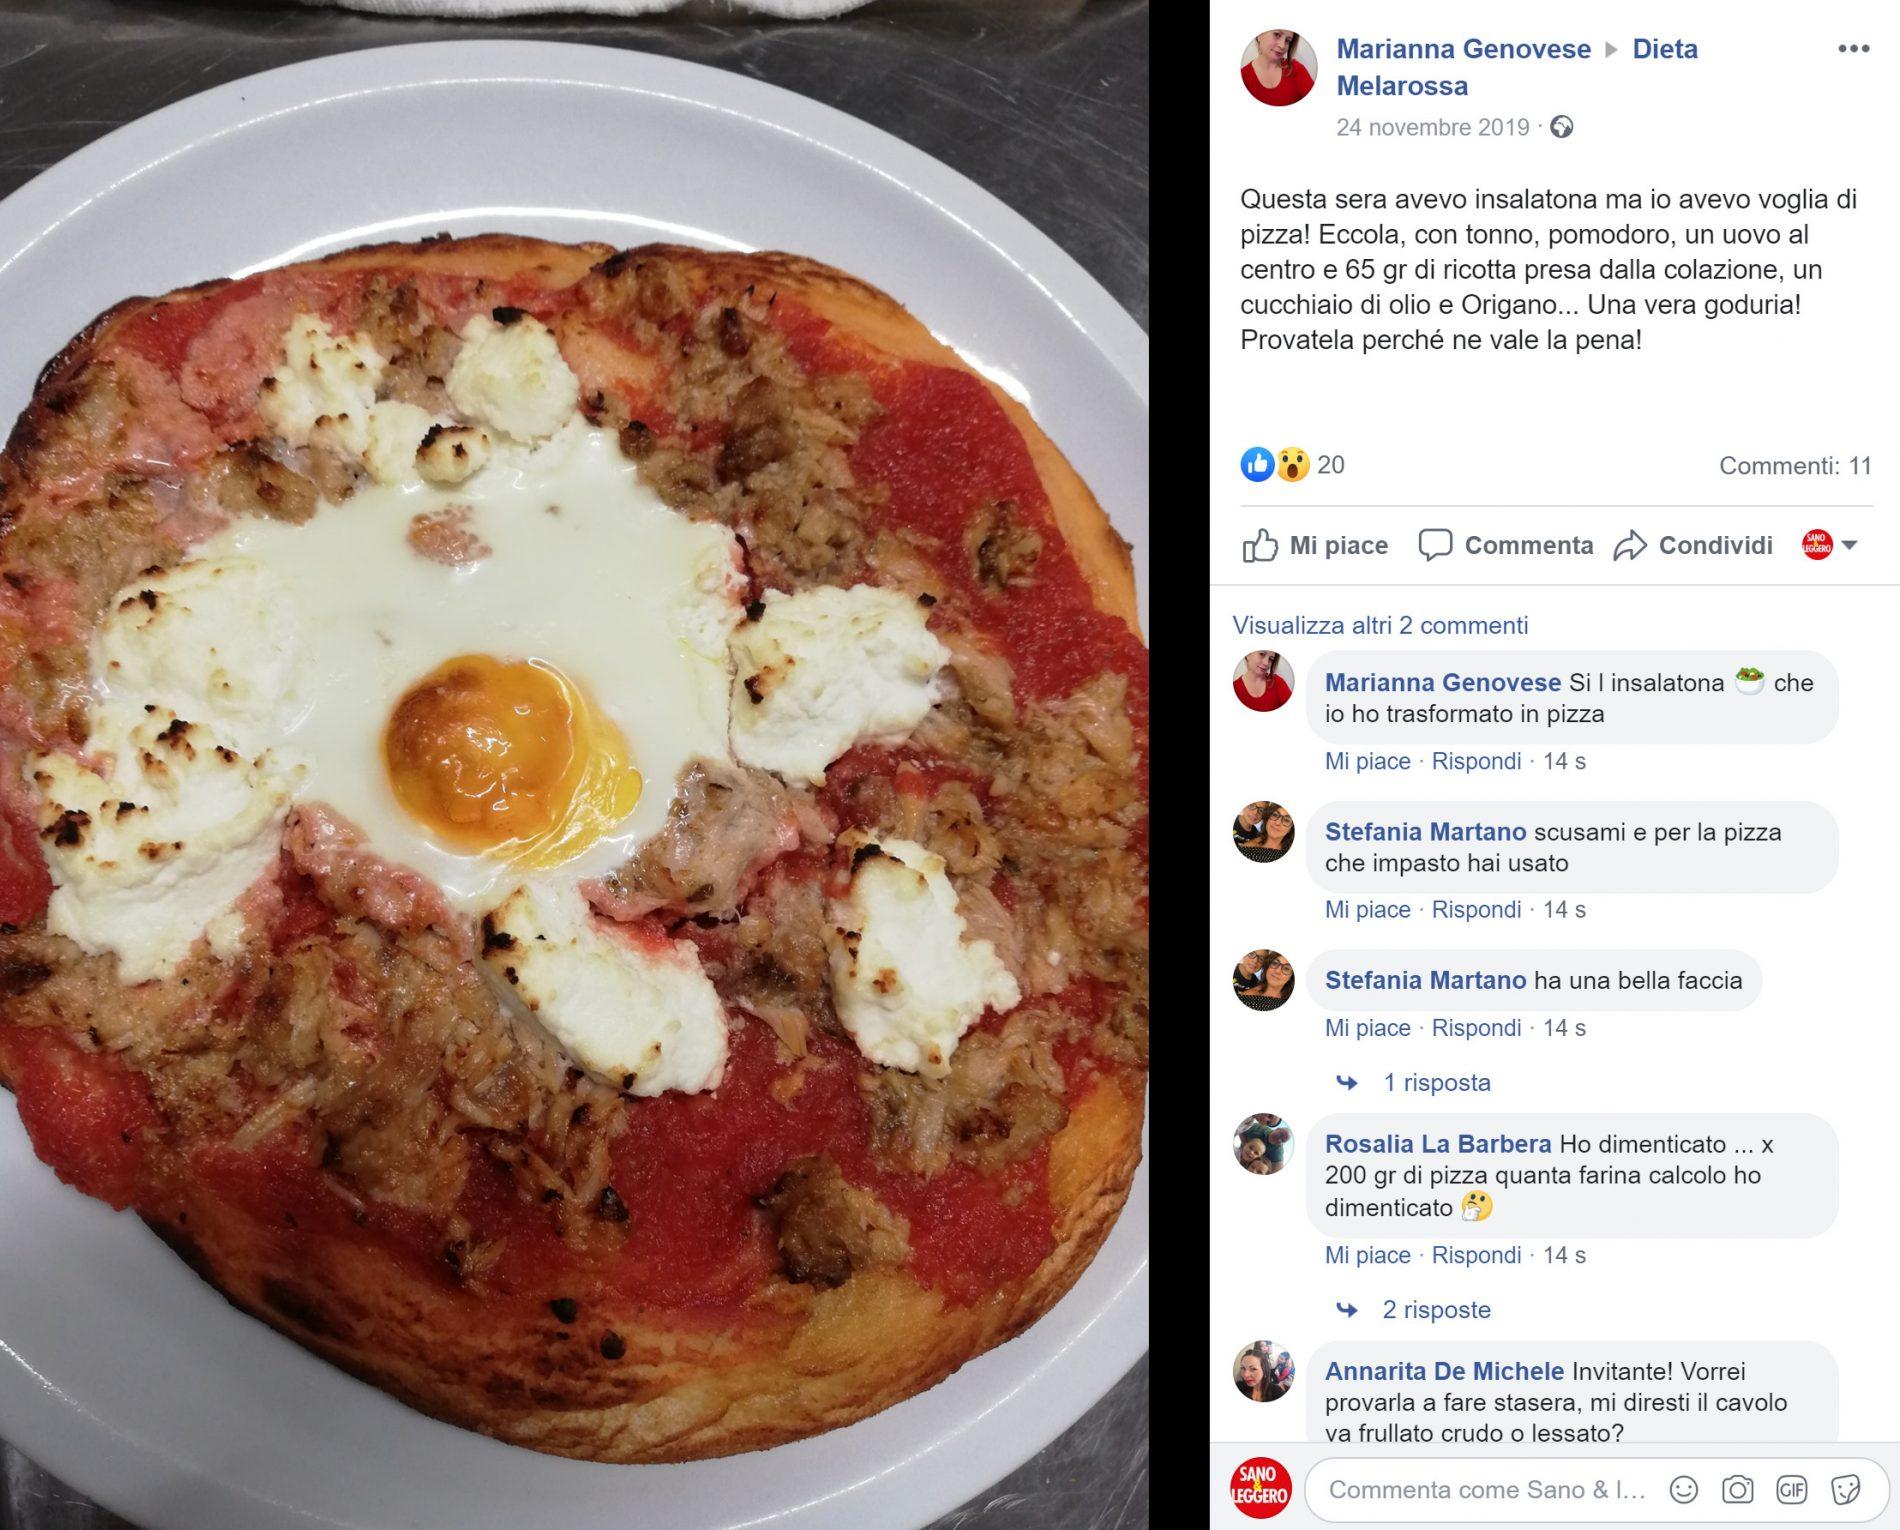 dieta melarossa: insalatona trasformata in pizza con uova e tonno